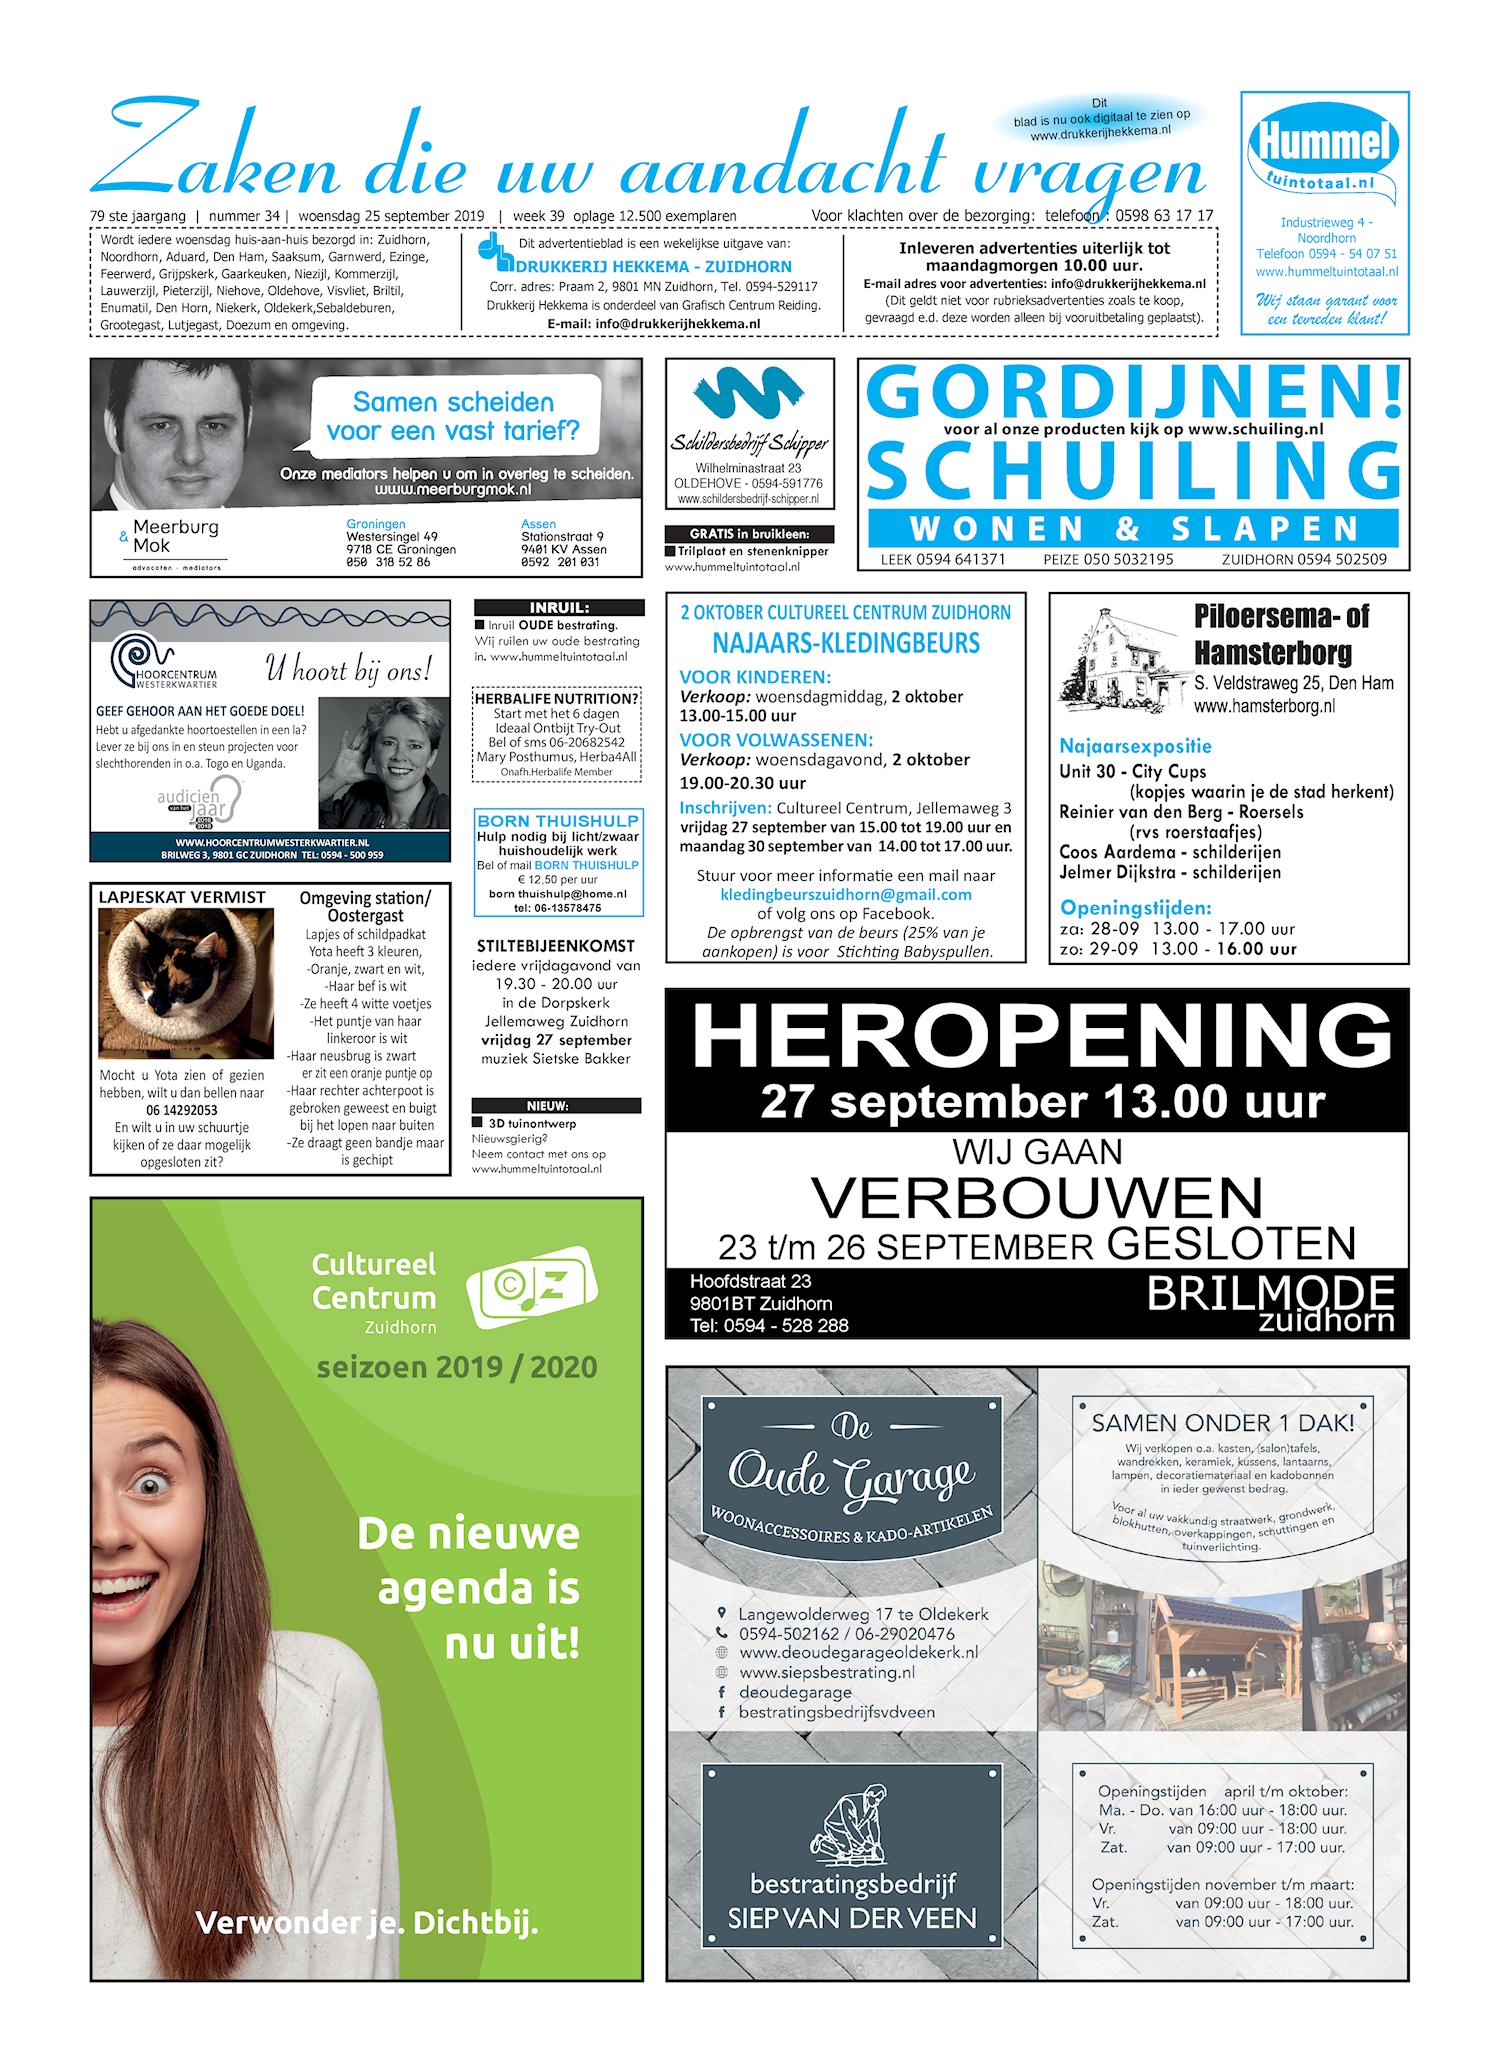 Drukkerij Hekkema - Zuidhorn - Zaken die uw aandacht vragen 2019 week 39